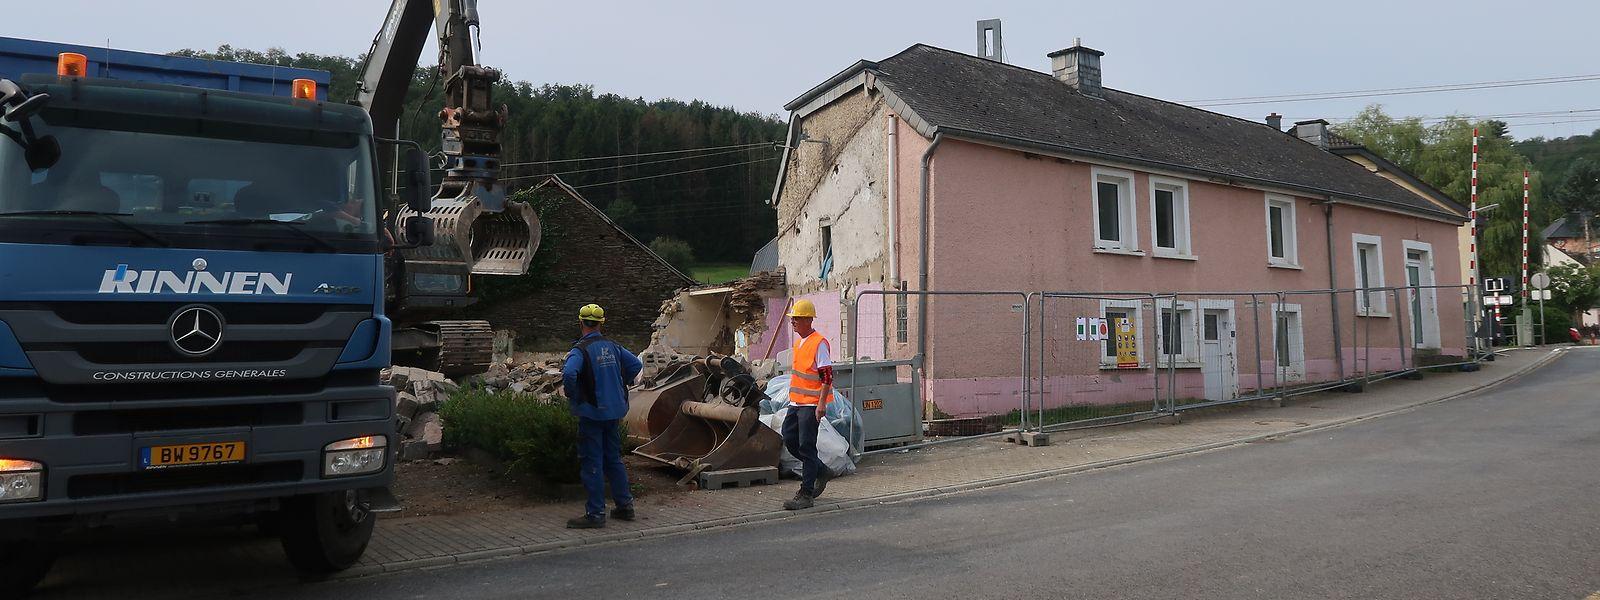 Das frühere Café von Enscheringen wird abgerissen, um die derzeitige Bahnschranke durch eine Unterführung ersetzen zu können.